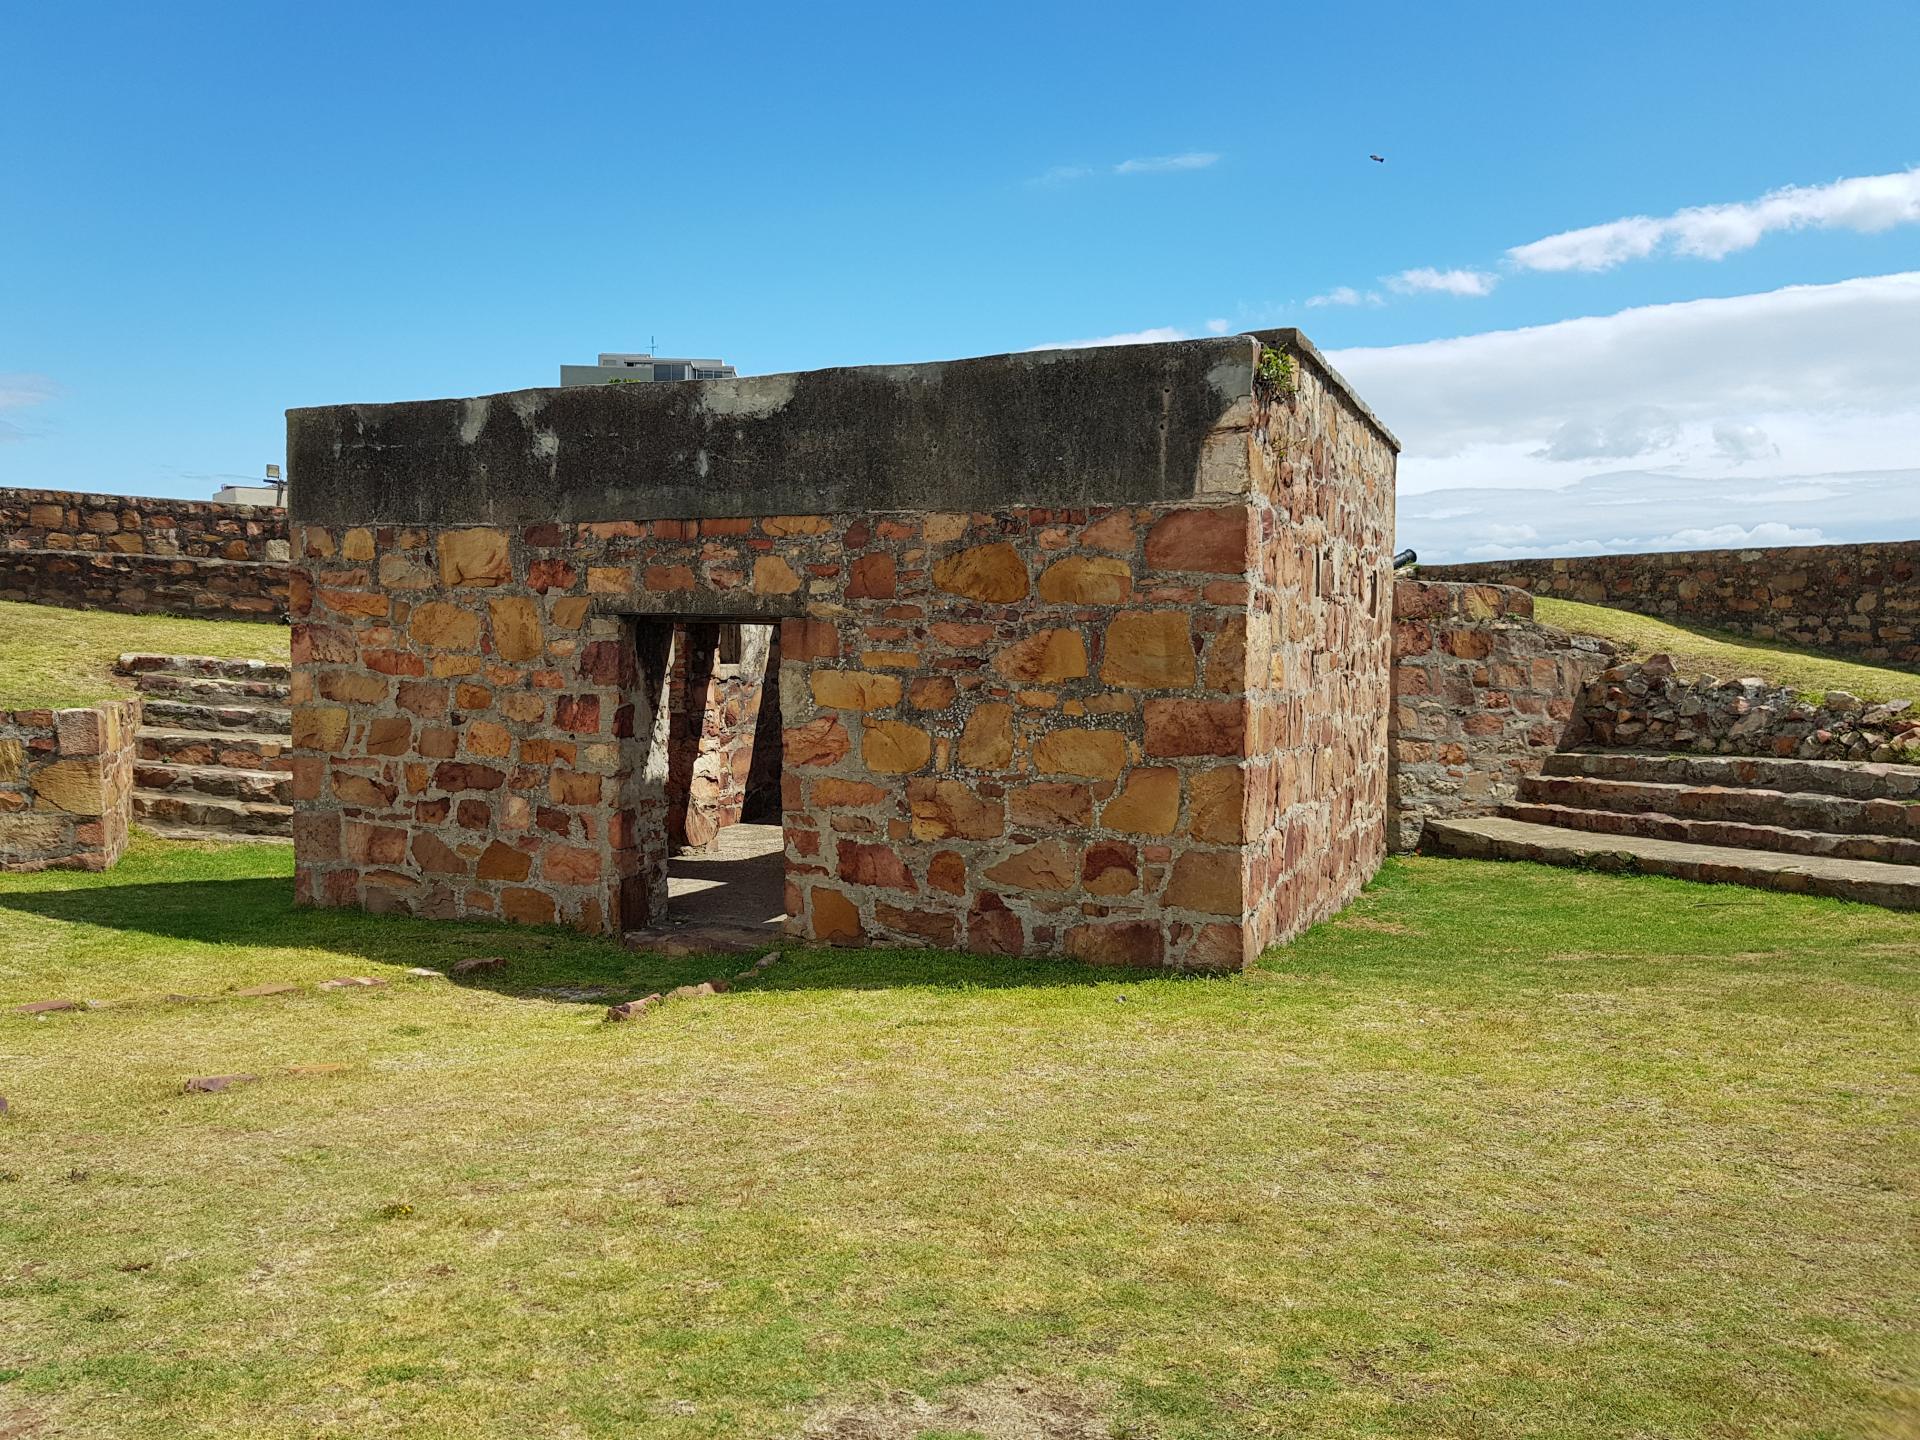 постройка внутри форта Фредерик, Порт-Элизабет